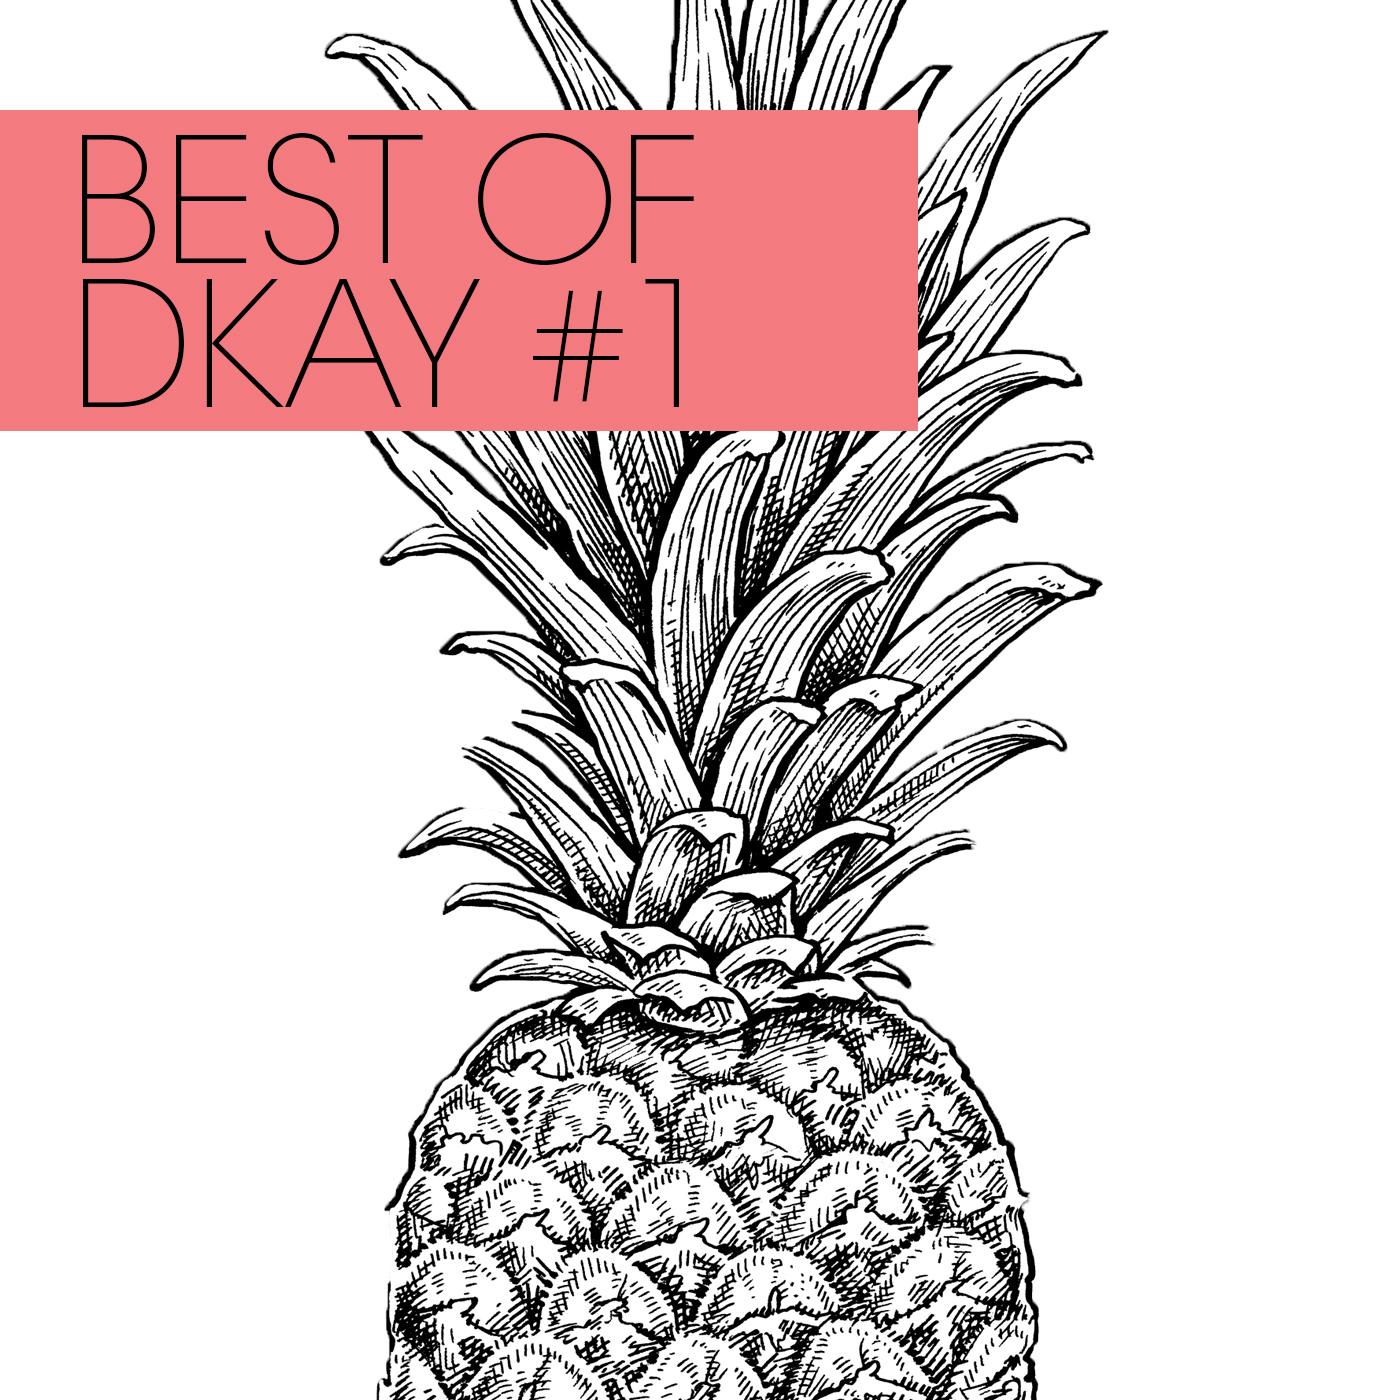 best of dkay #1 -